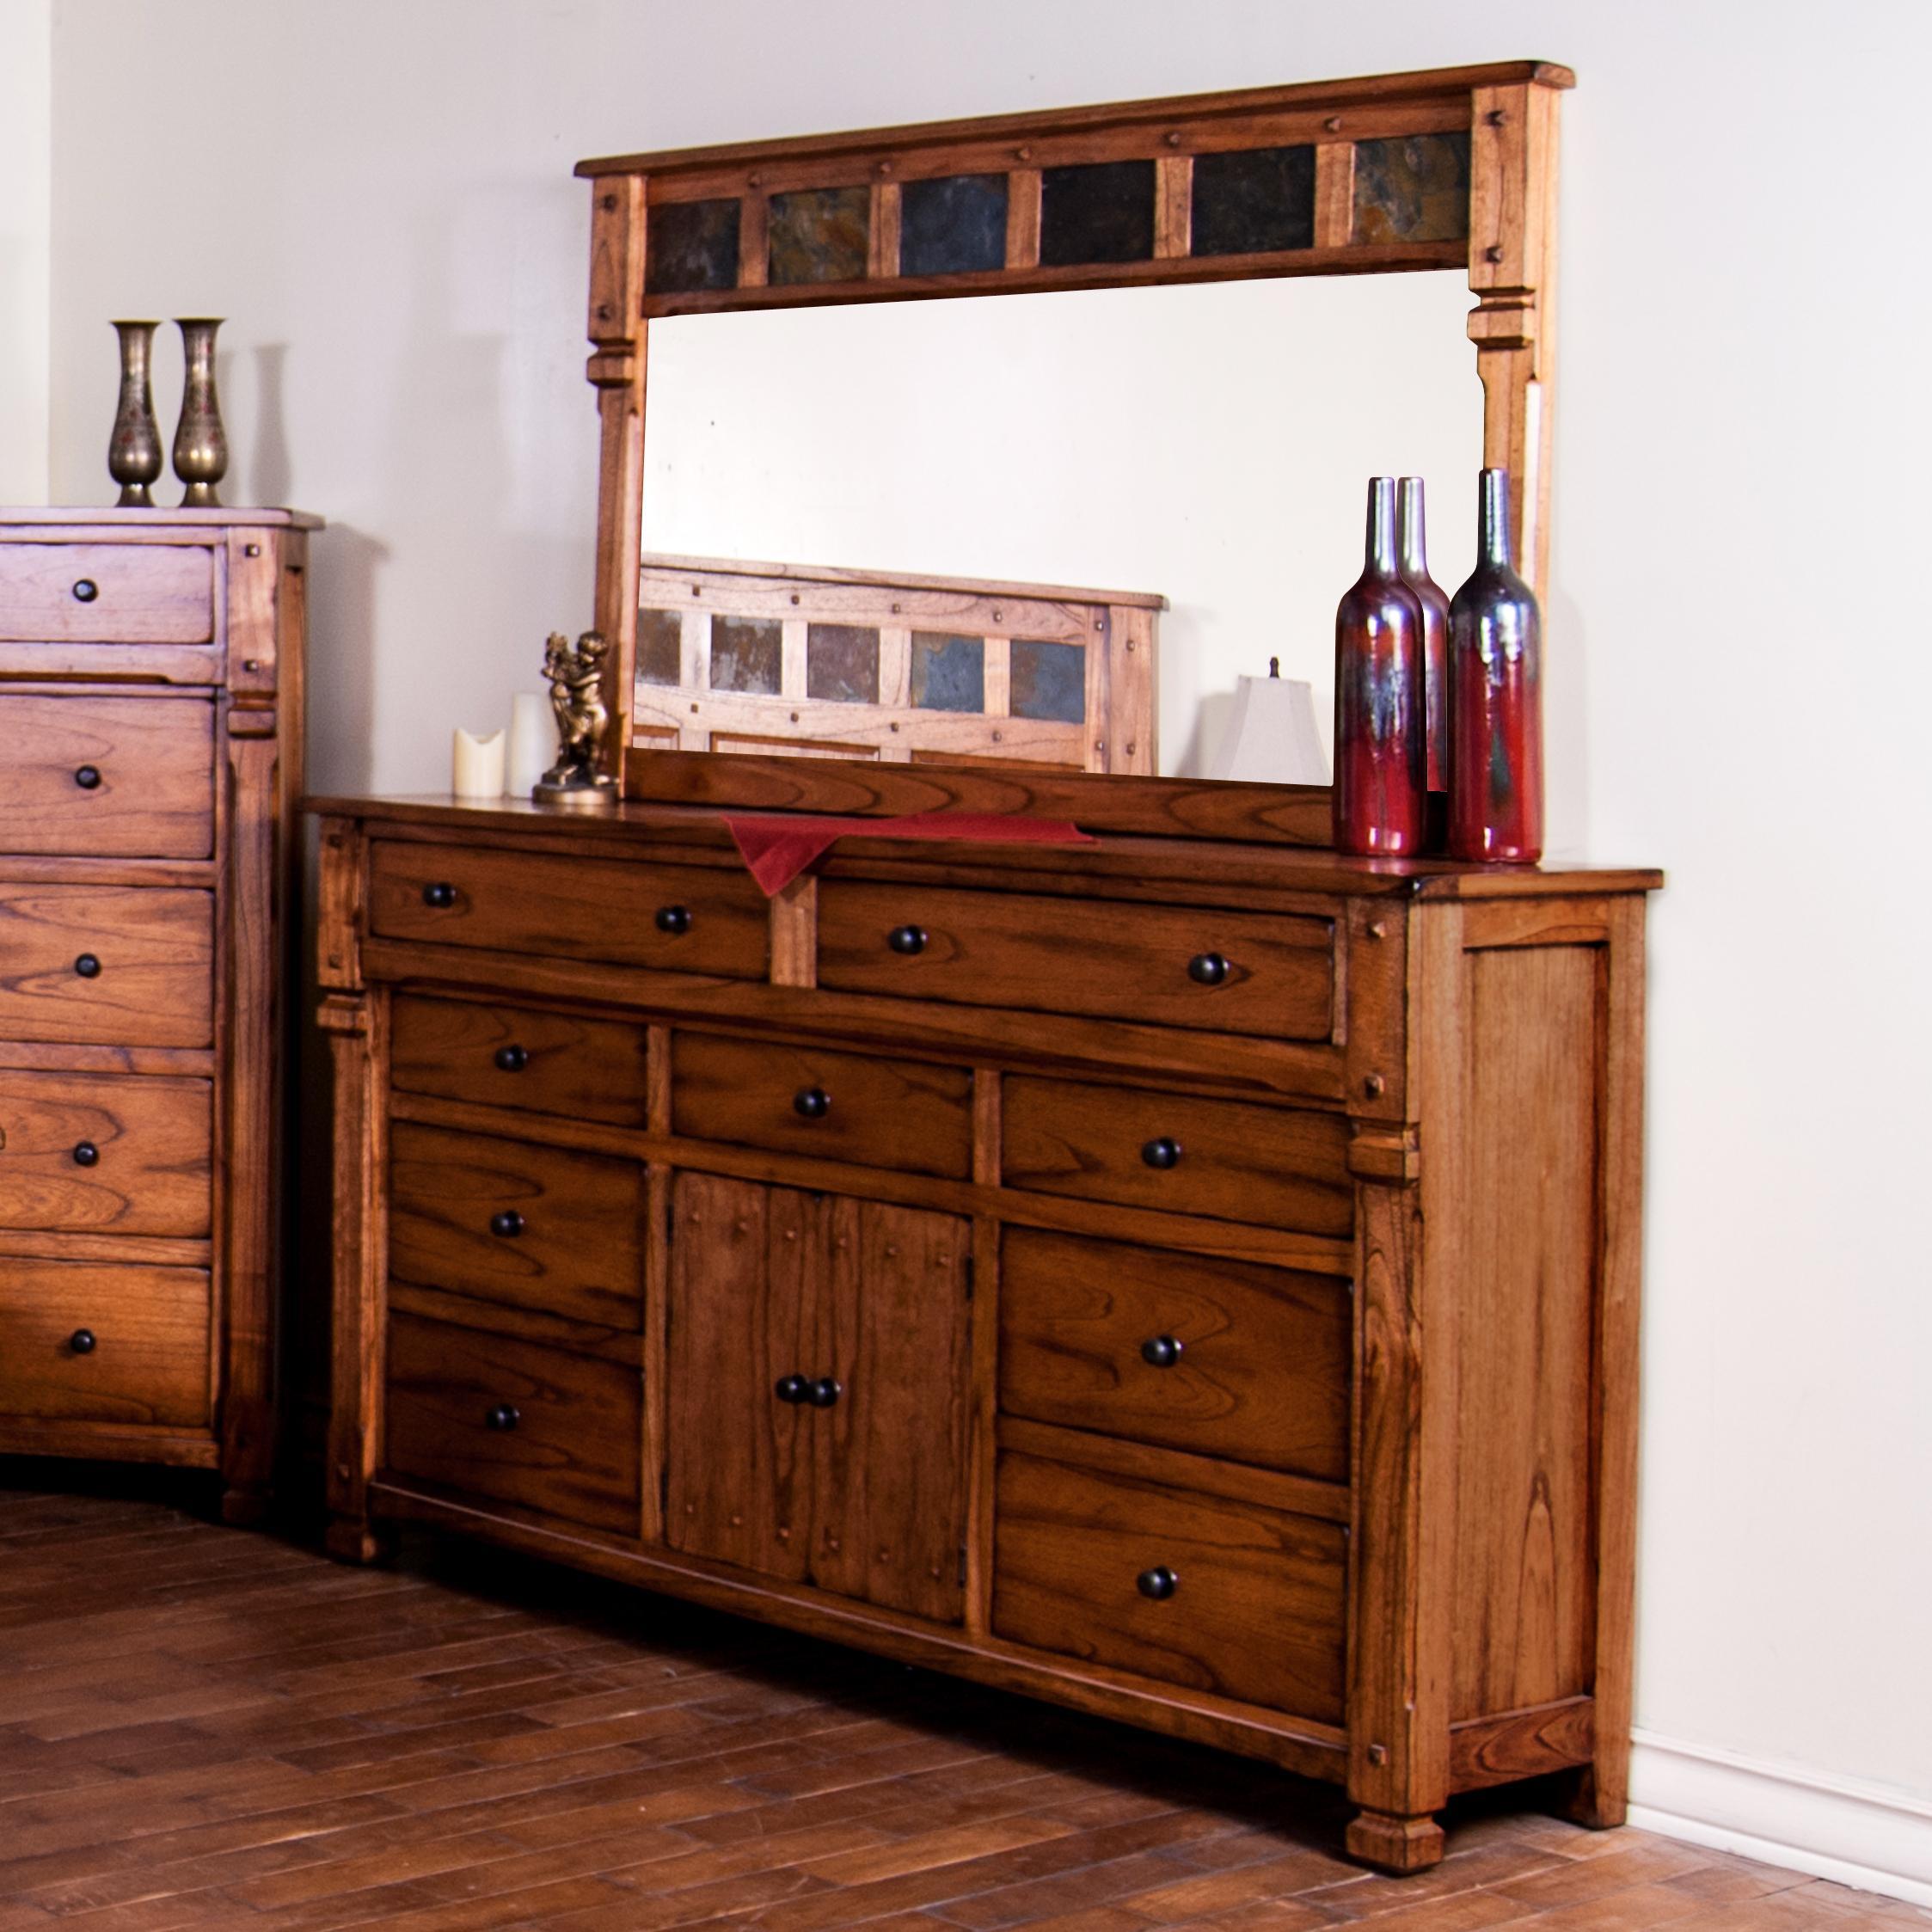 Sunny Designs Sedona Dresser & Mirror - Item Number: 2322RO-D+M